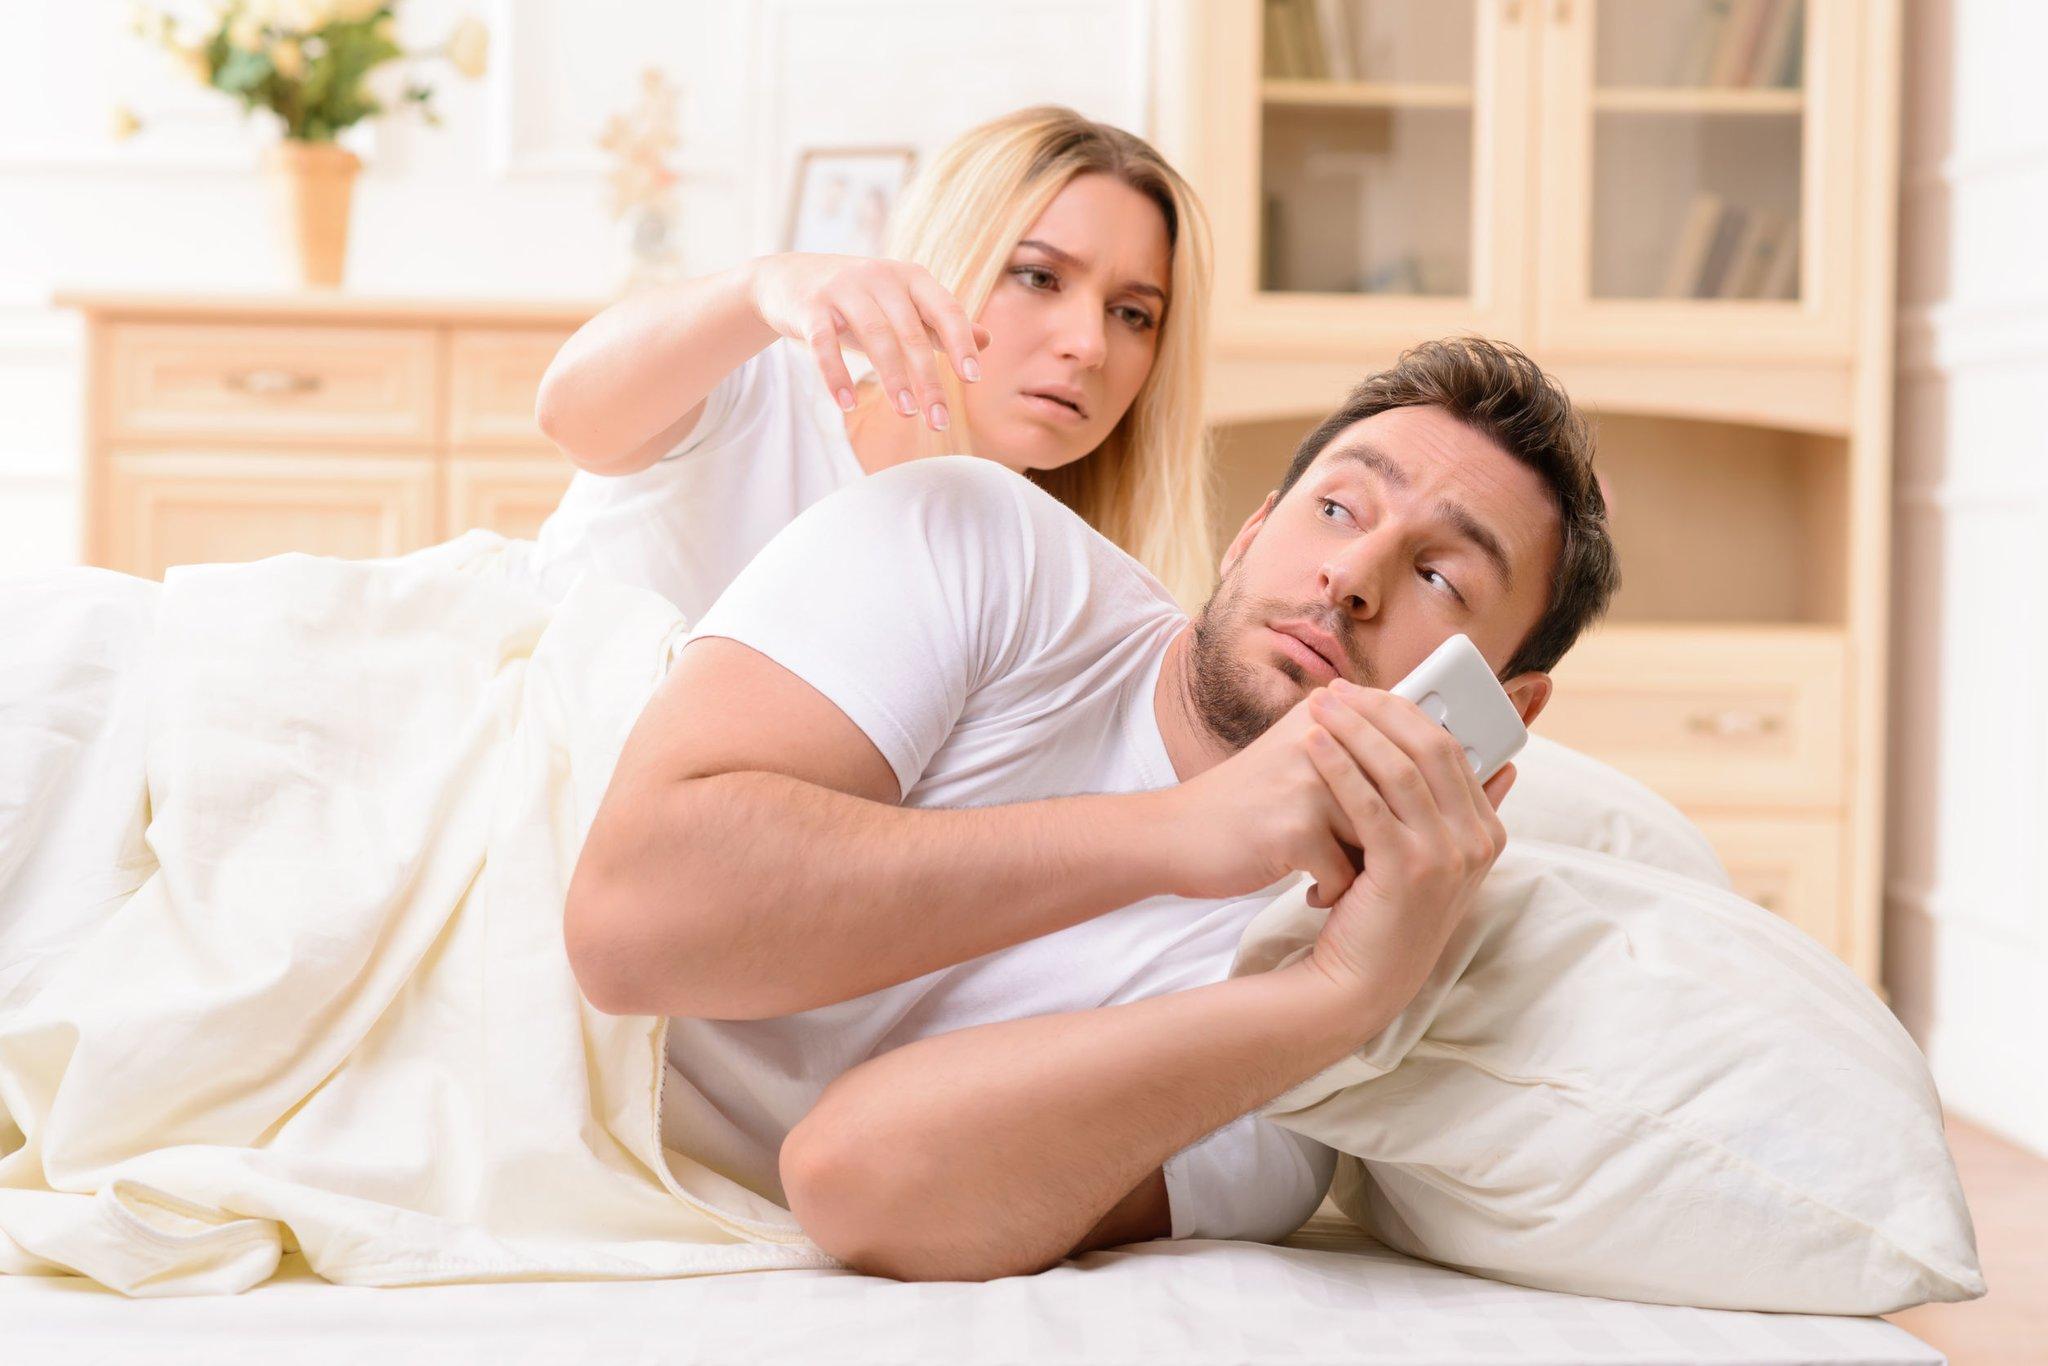 Причины, почему мужчина изменяет и популярные мифы о неверности